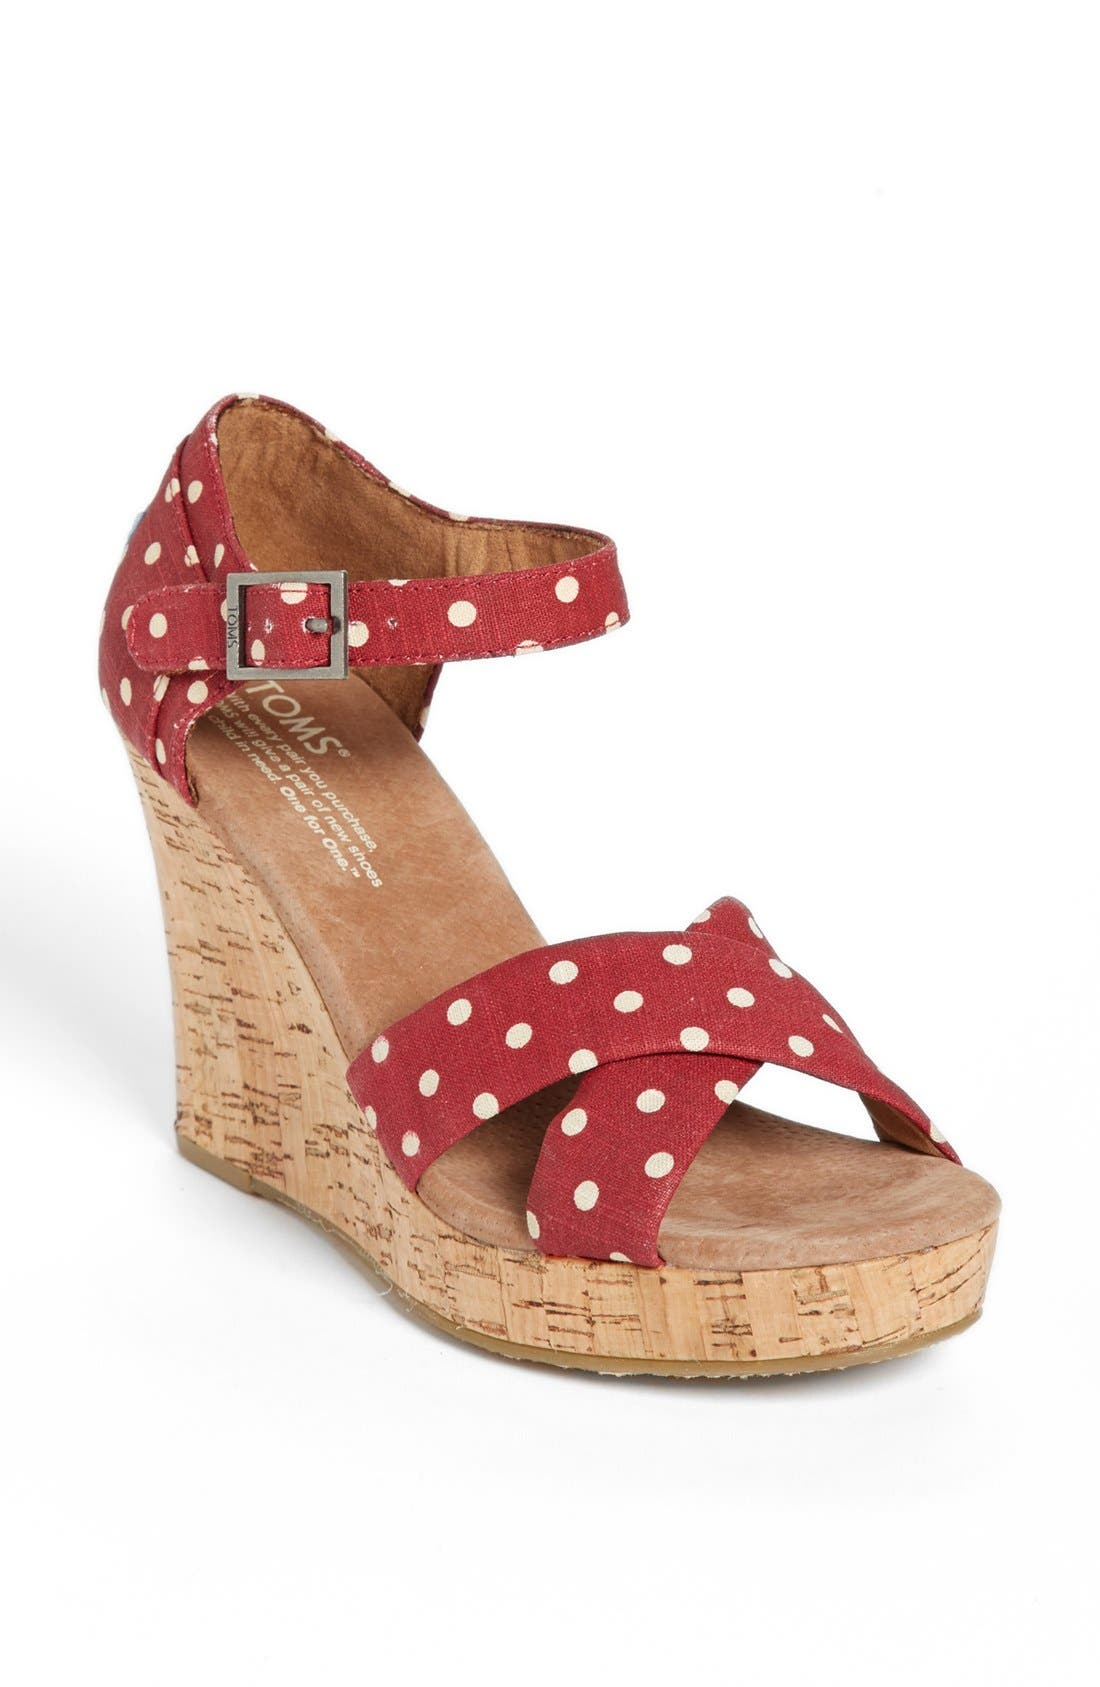 Alternate Image 1 Selected - TOMS Polka Dot Linen Woven Wedge Sandal